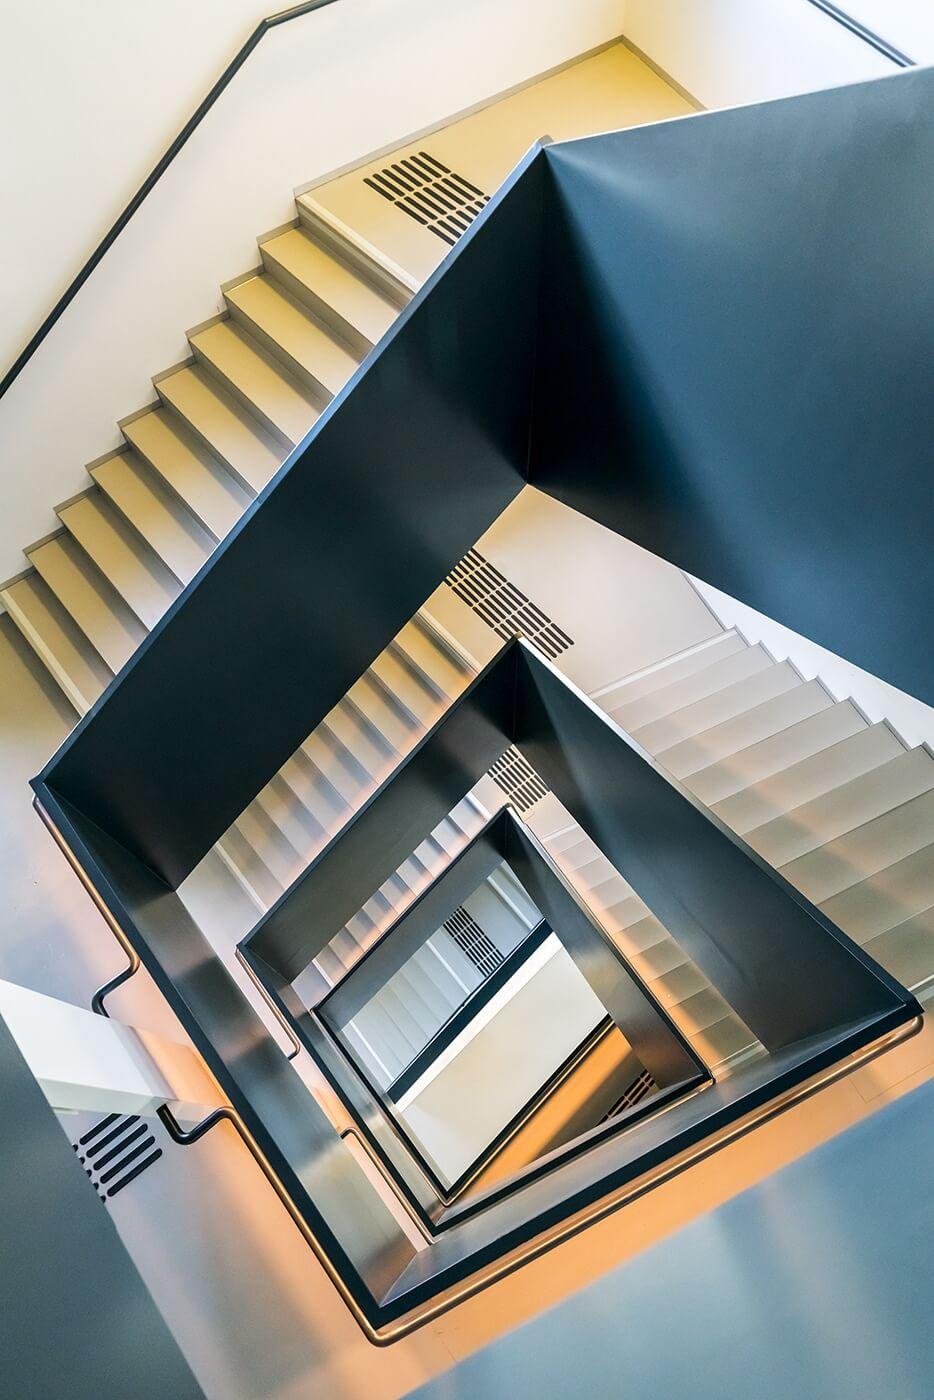 zsolt hlinka vienna architecture photos 4 (1)